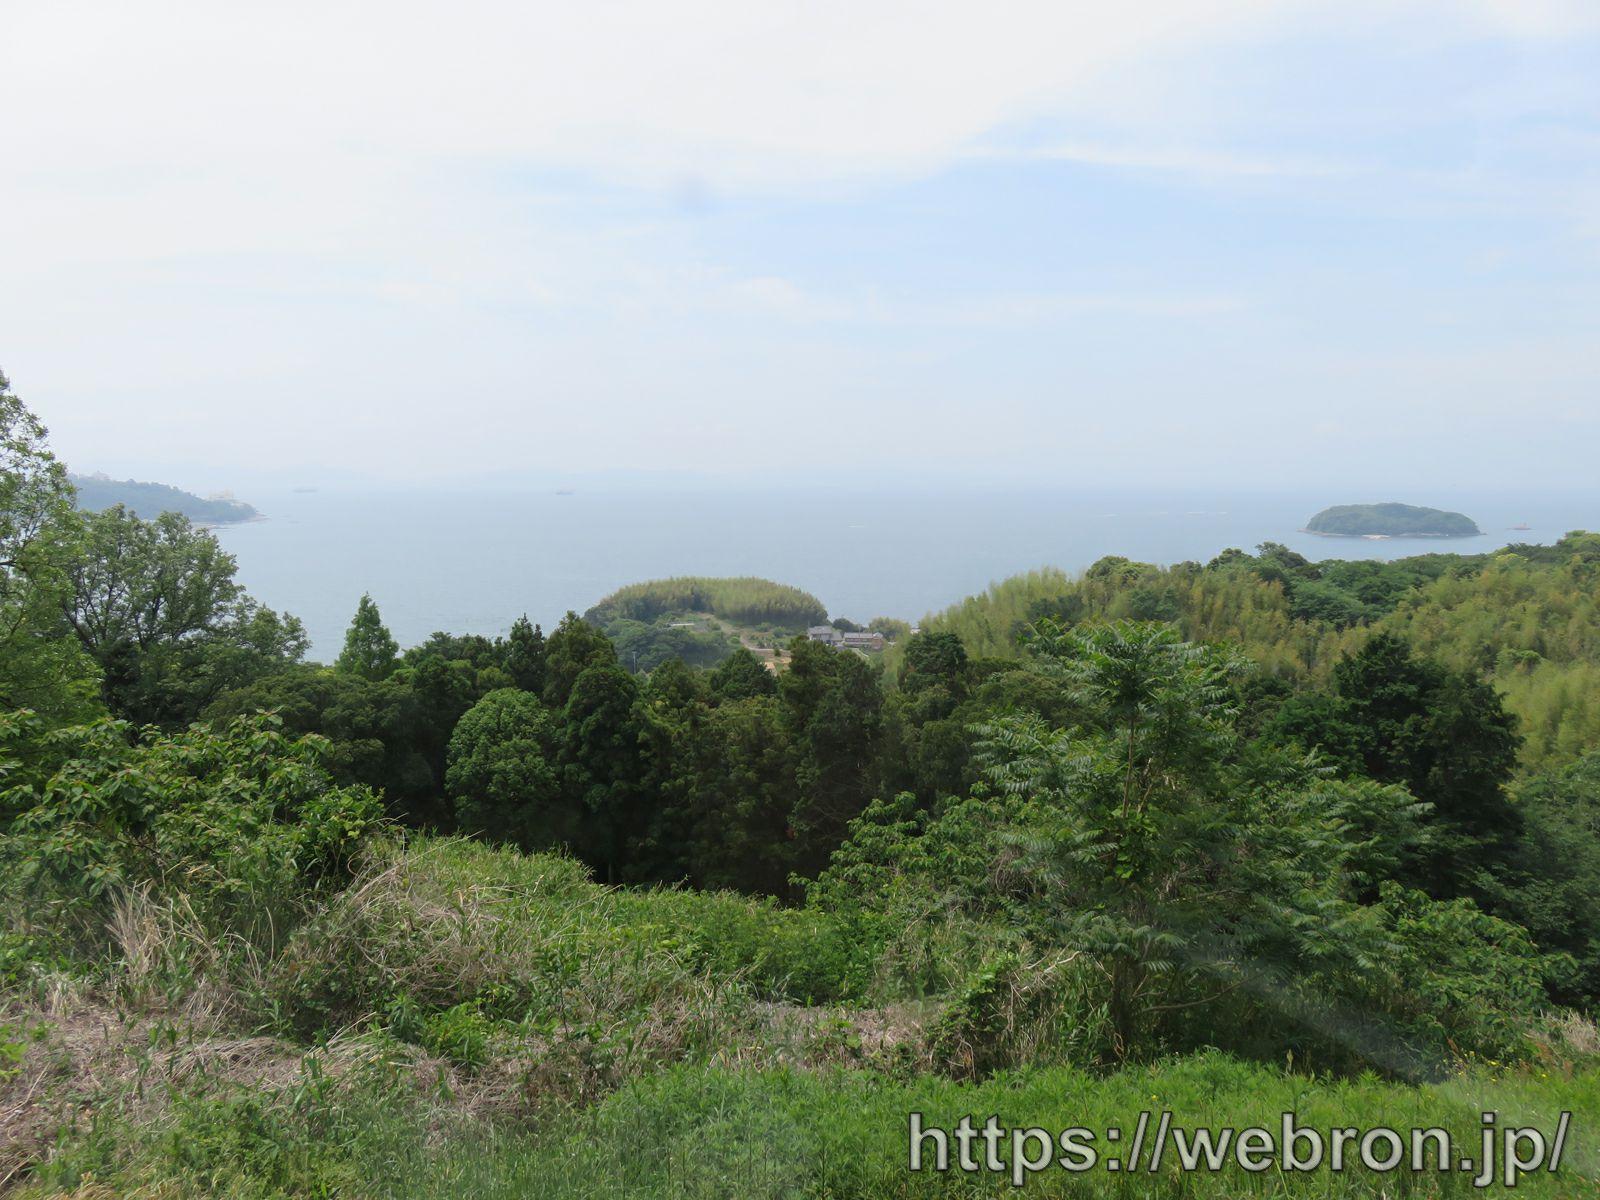 愛知こどもの国の蒸気機関車から見える景色